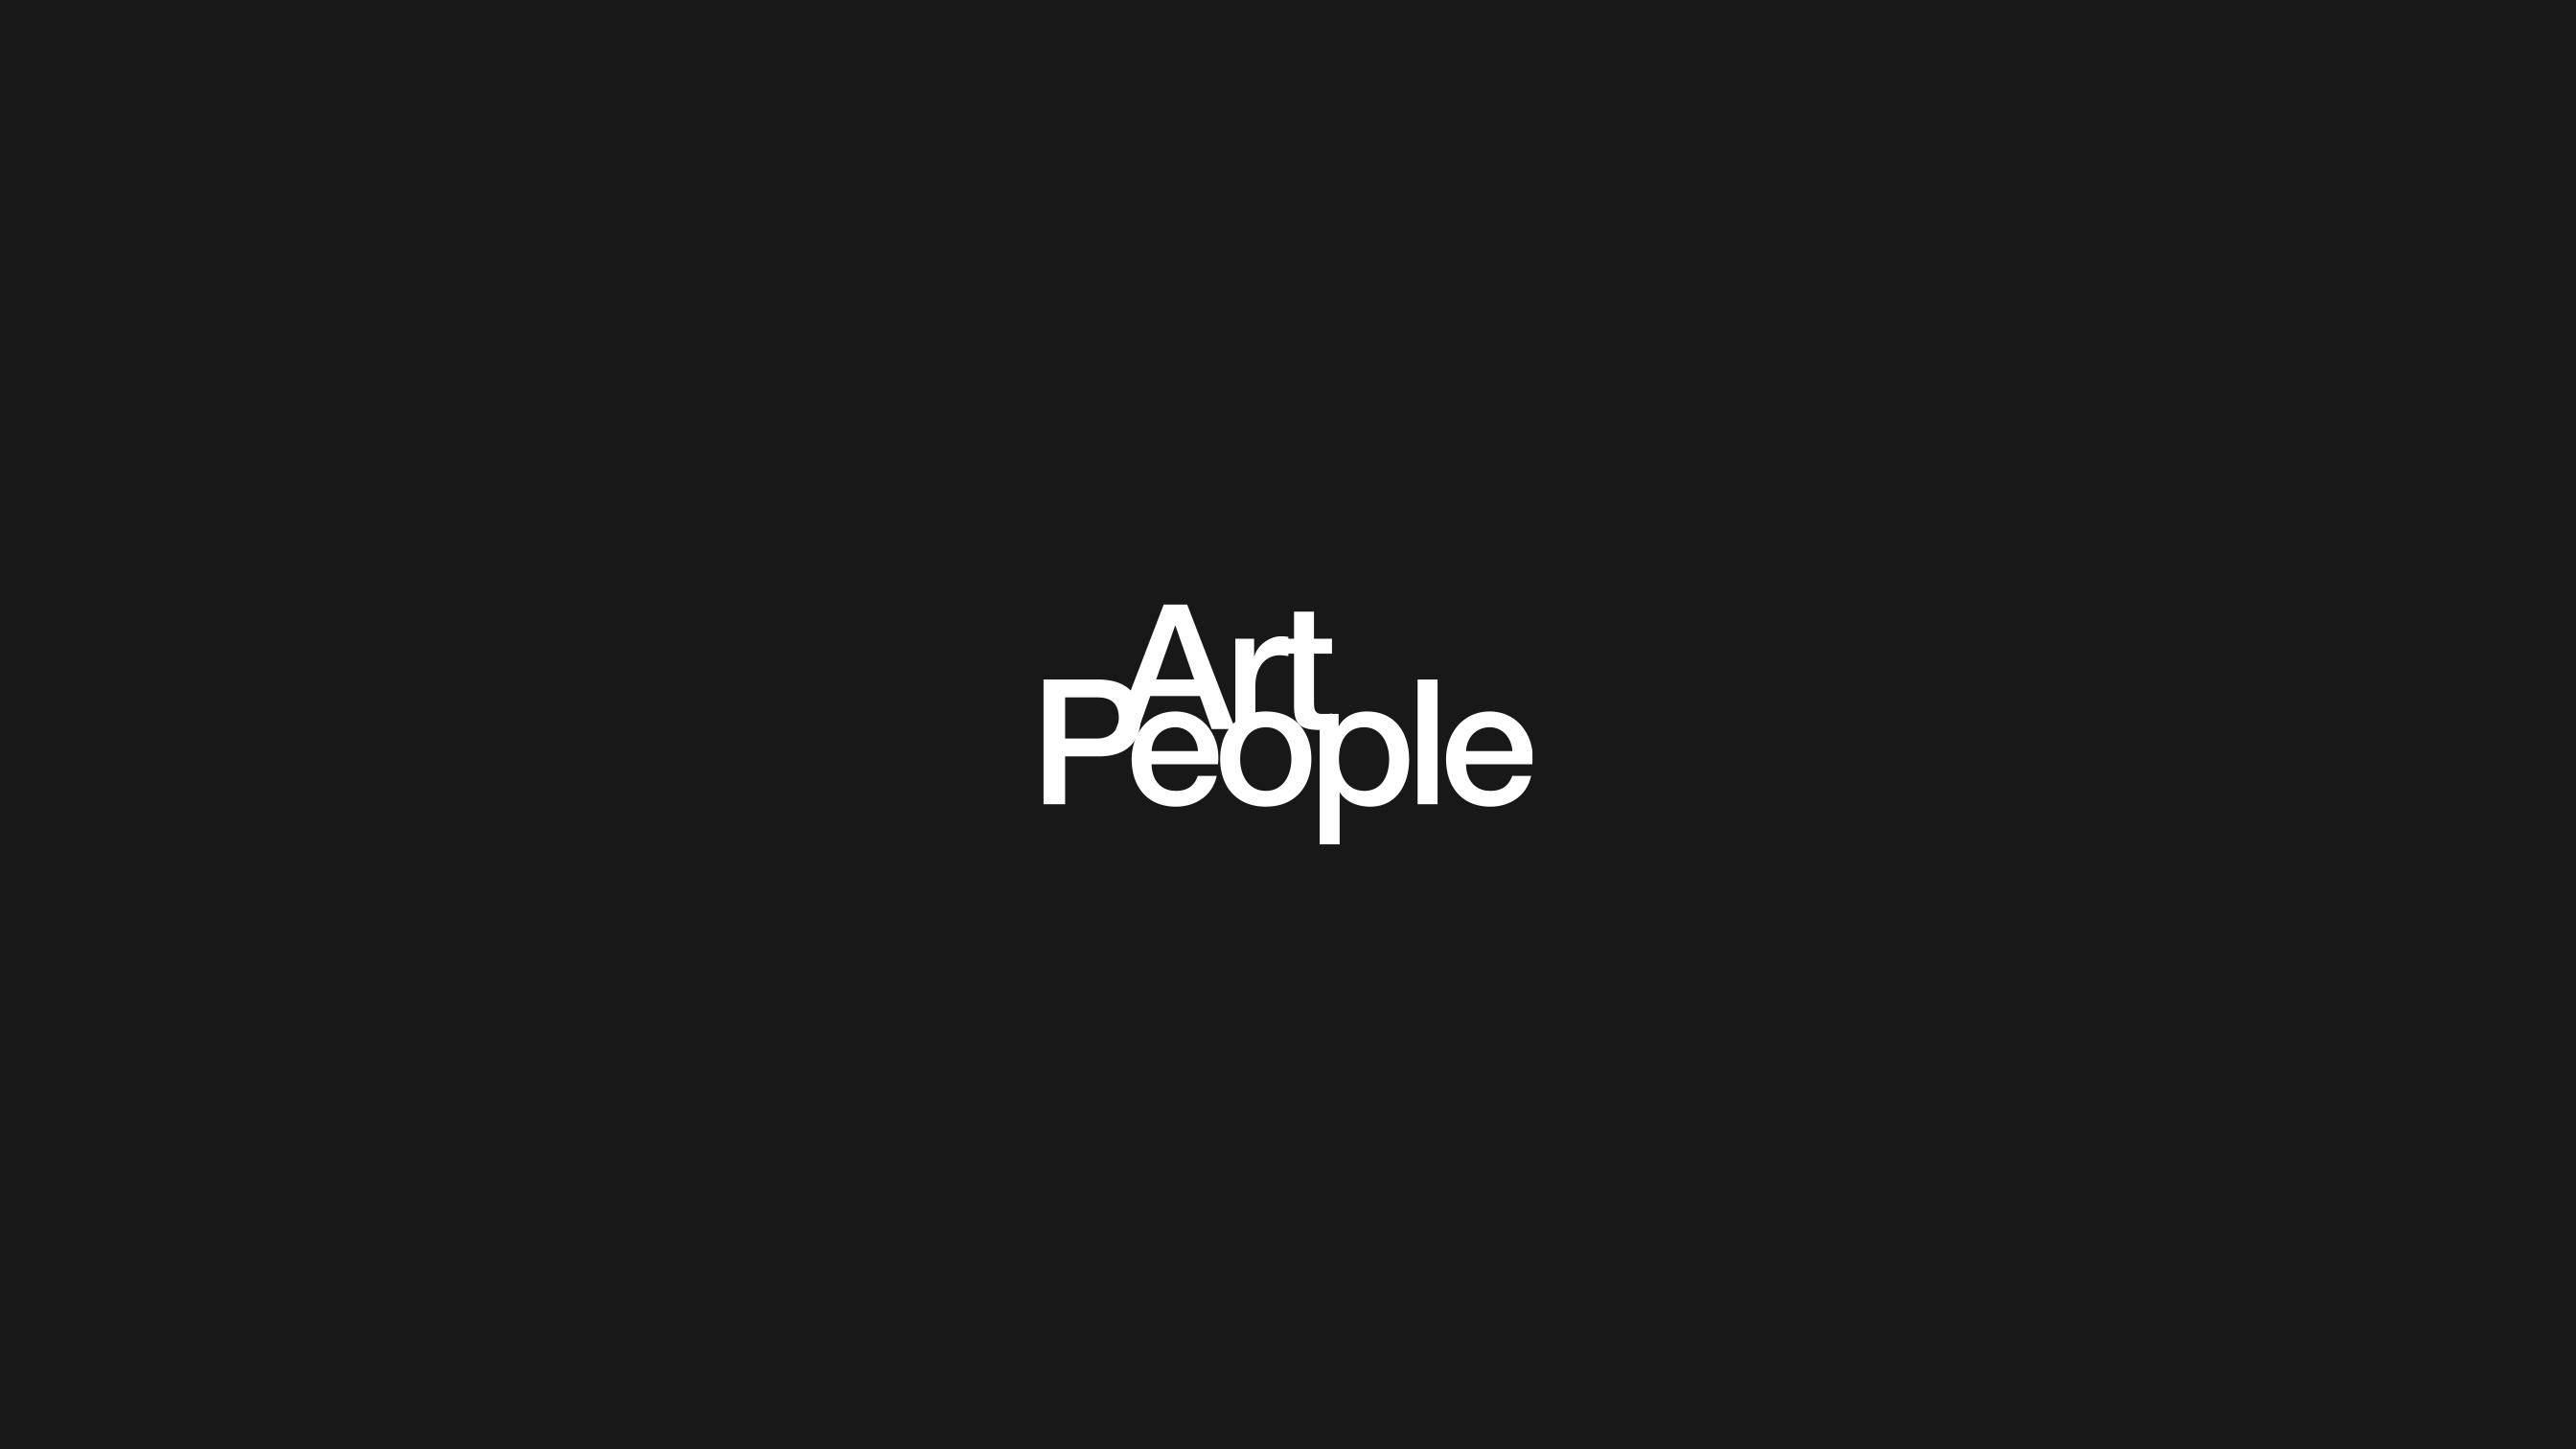 showcase-logotype-art-people